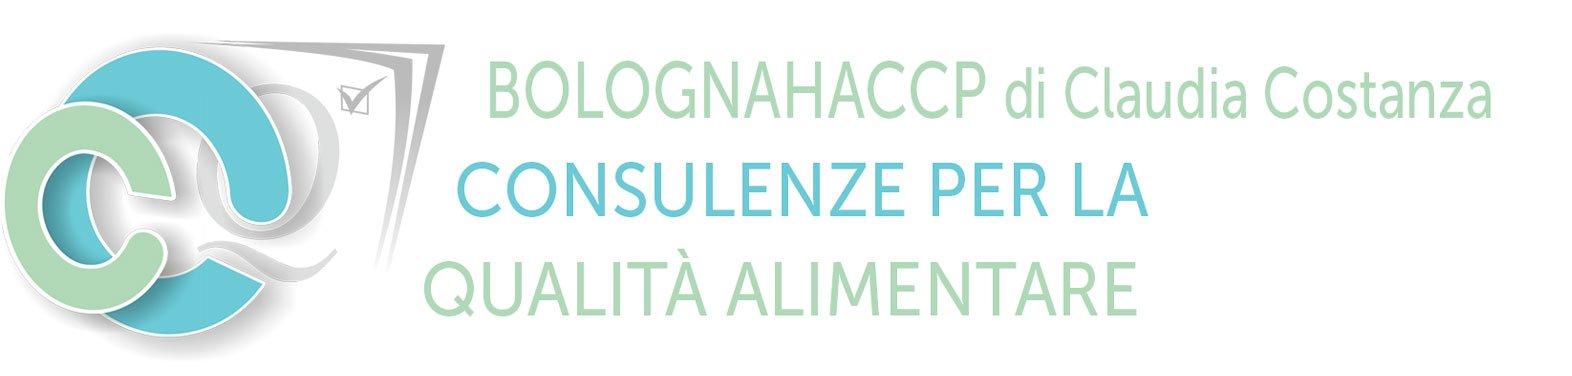 Bologna HACCP | Consulenza e certificazioni per la sicurezza alimentare